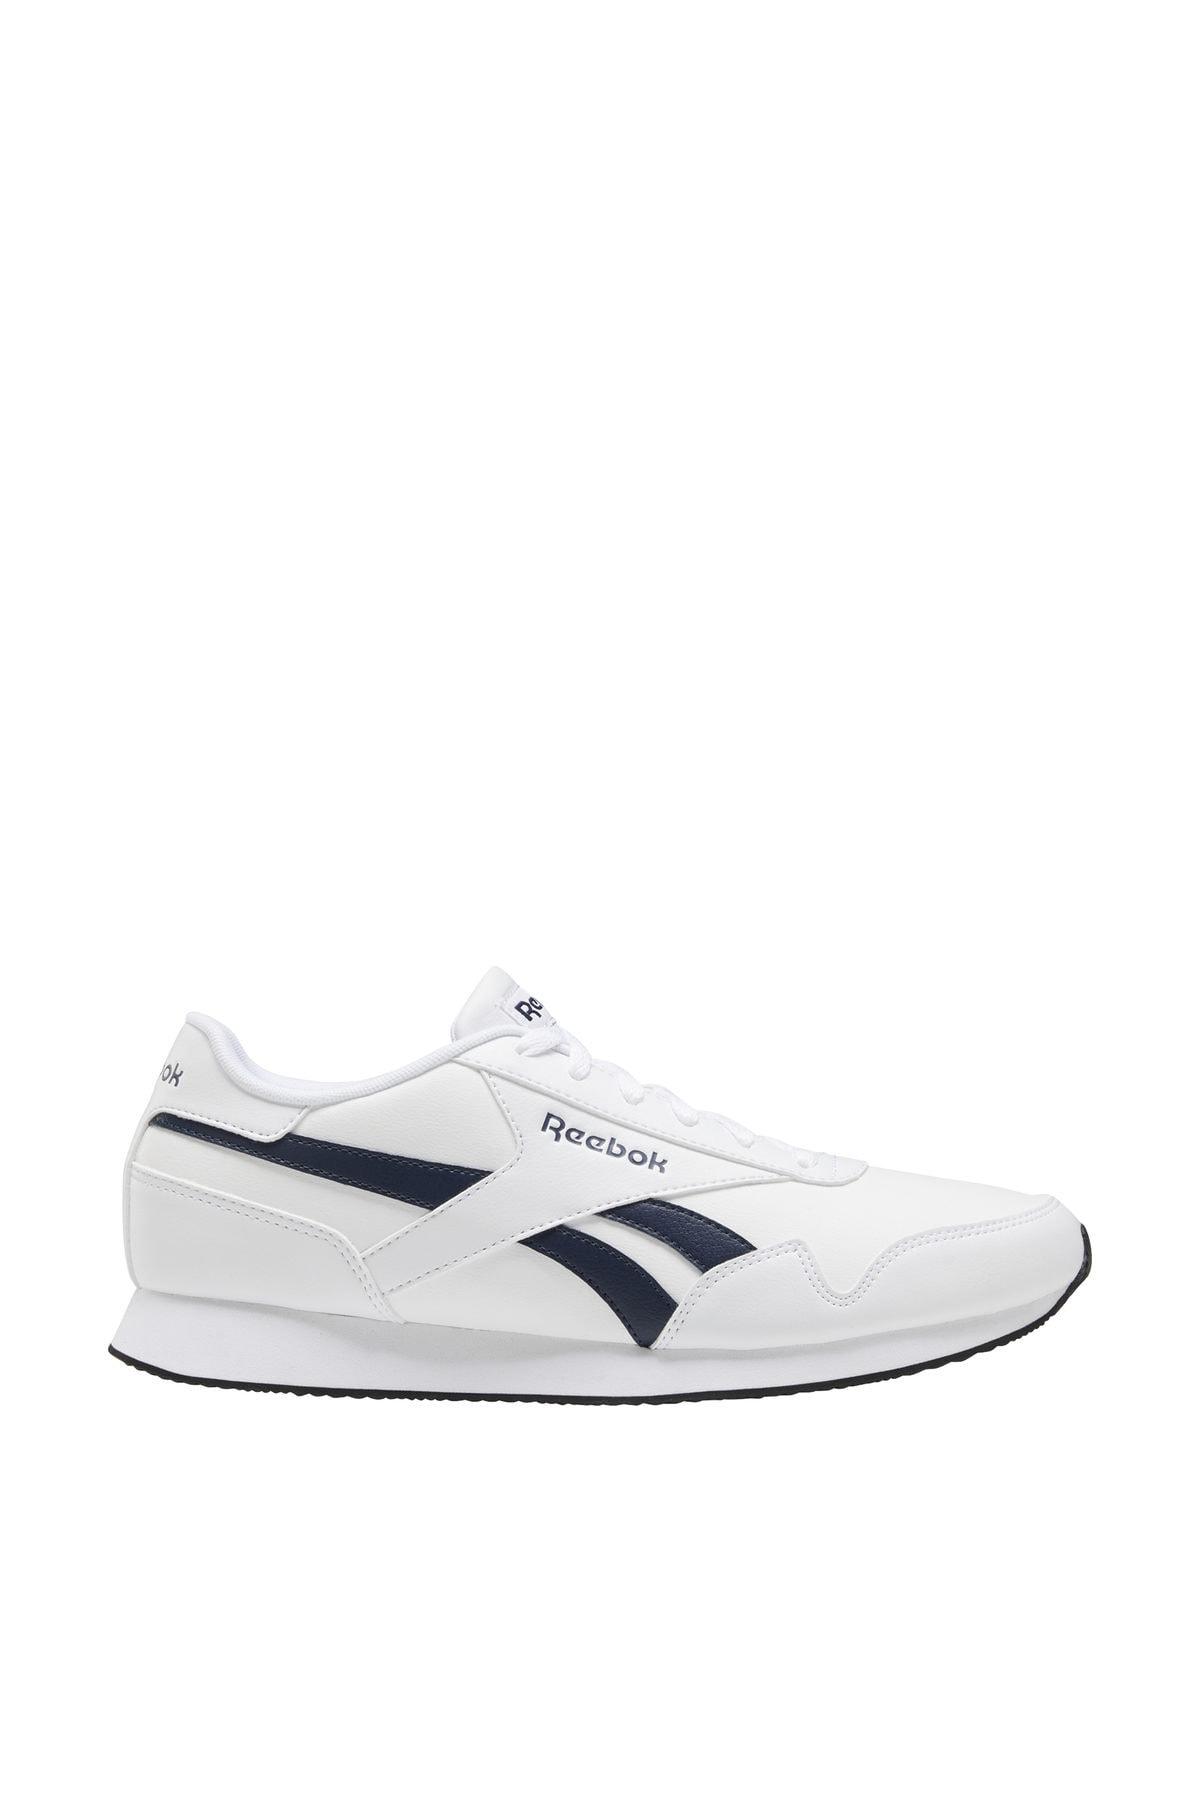 ROYAL CL JOGGER Beyaz Erkek Sneaker Ayakkabı 100533888